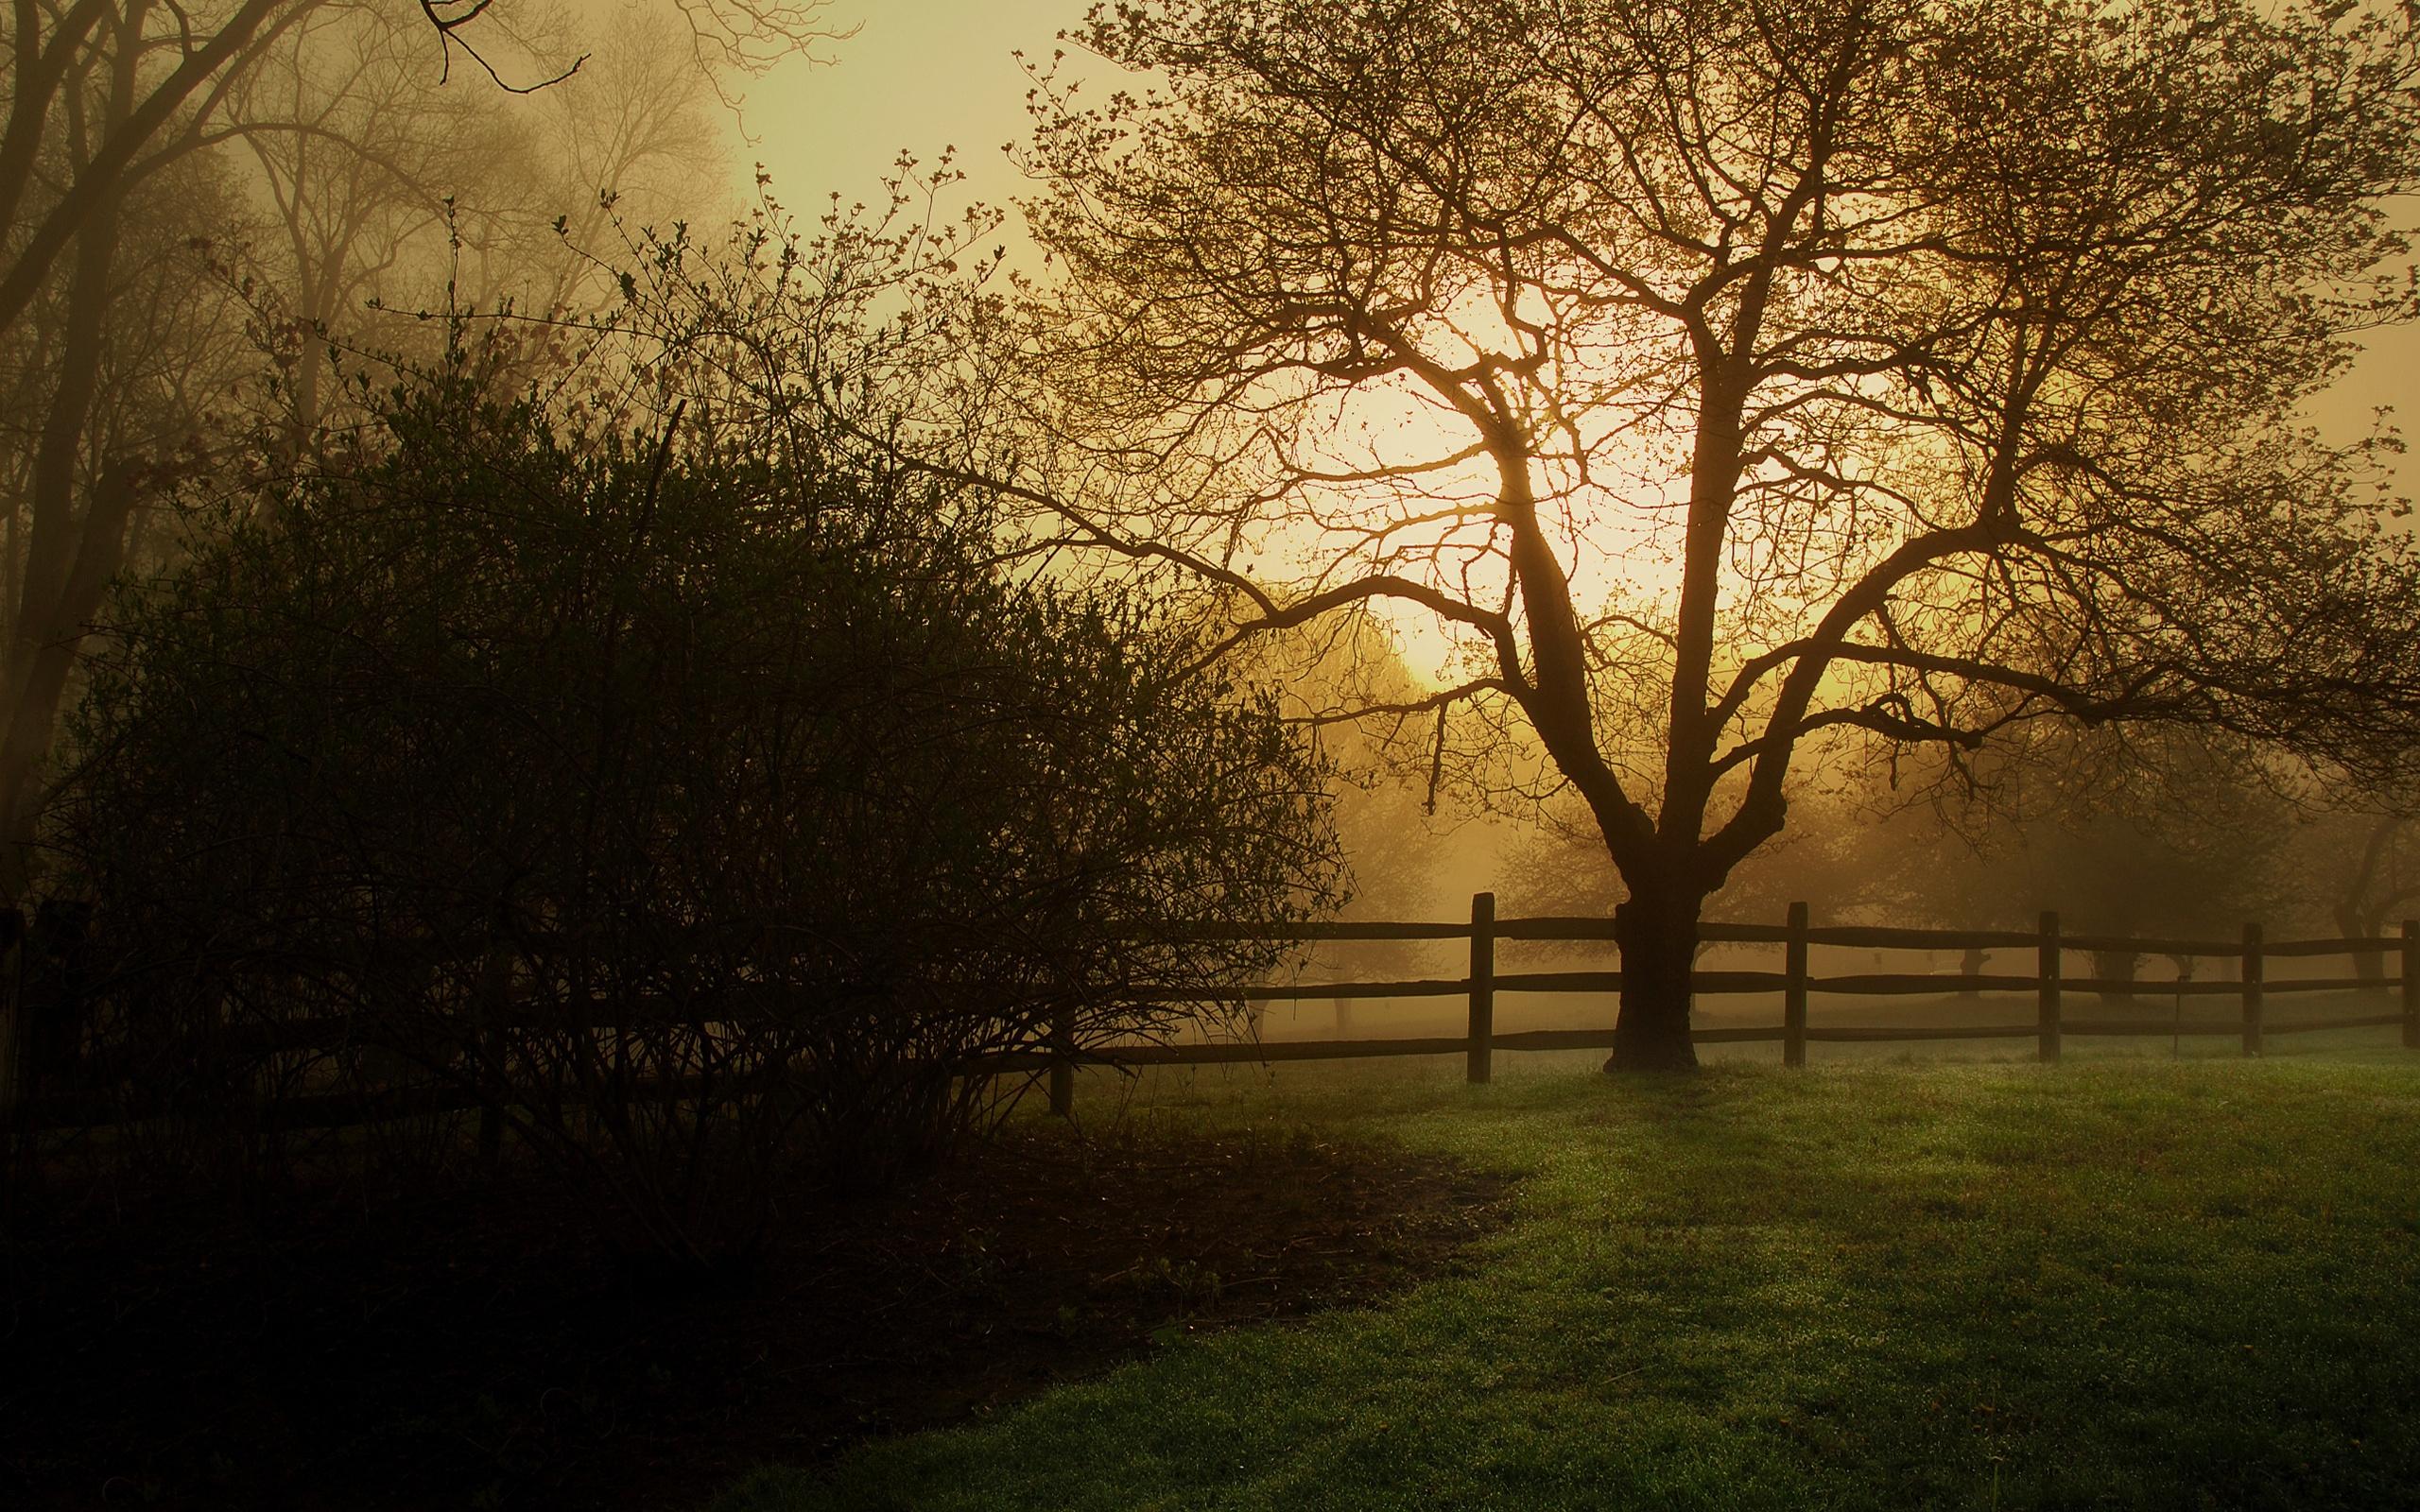 hintergrundbilder : baum, zaun, schutz, nebel, umreißt, busch, licht